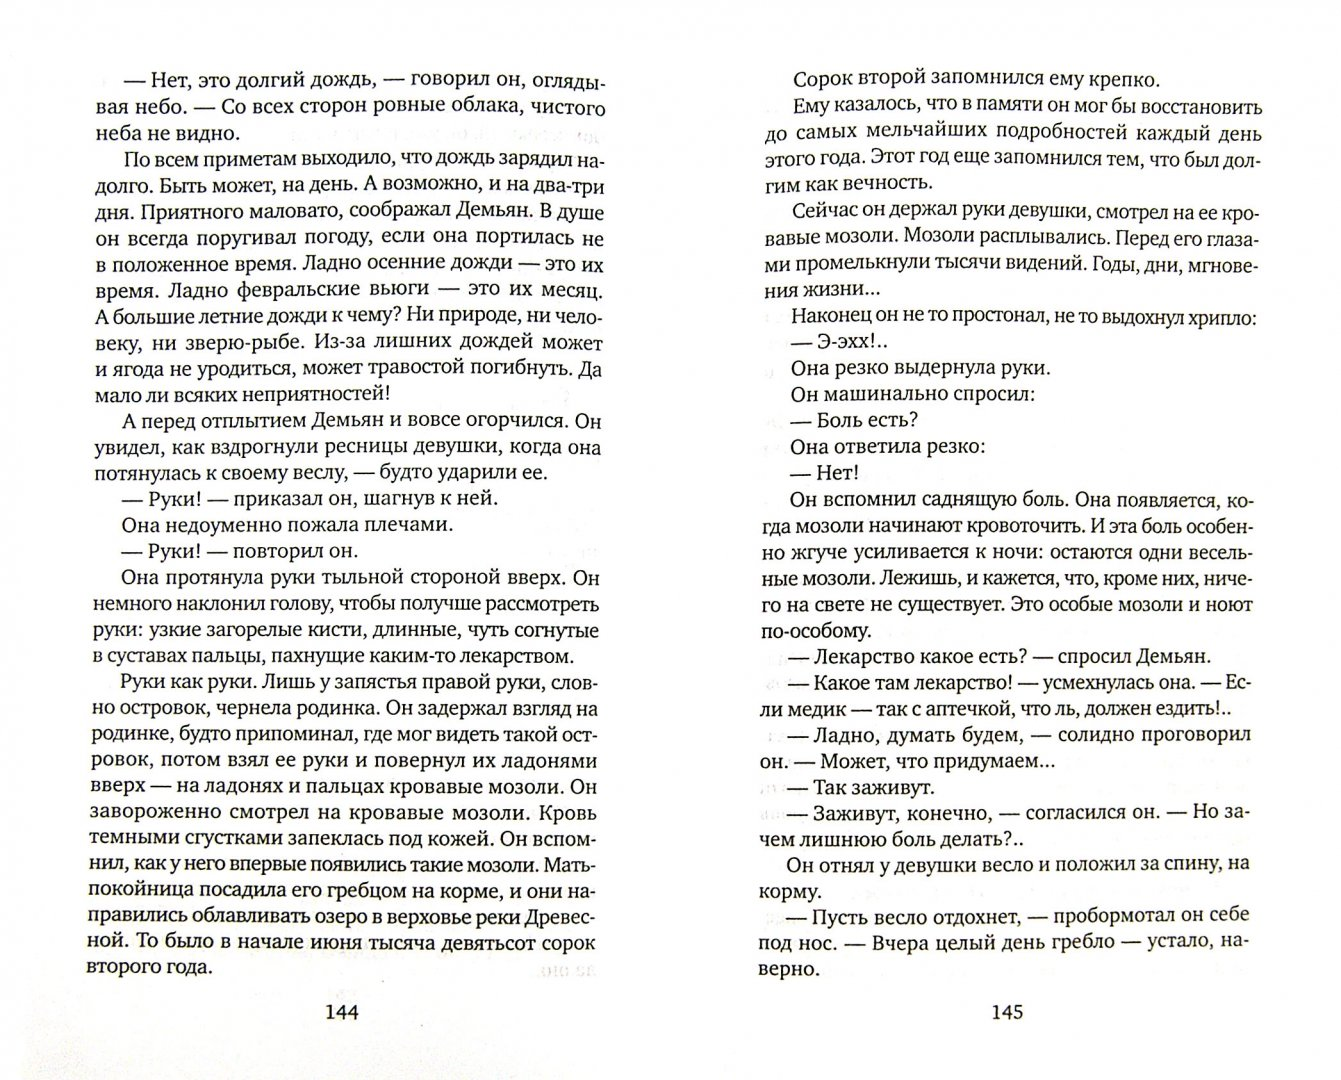 Иллюстрация 1 из 4 для Собрание сочинений в 4-х томах. Том 2. Ханты, или Звезда Утренней Зари - Еремей Айпин   Лабиринт - книги. Источник: Лабиринт